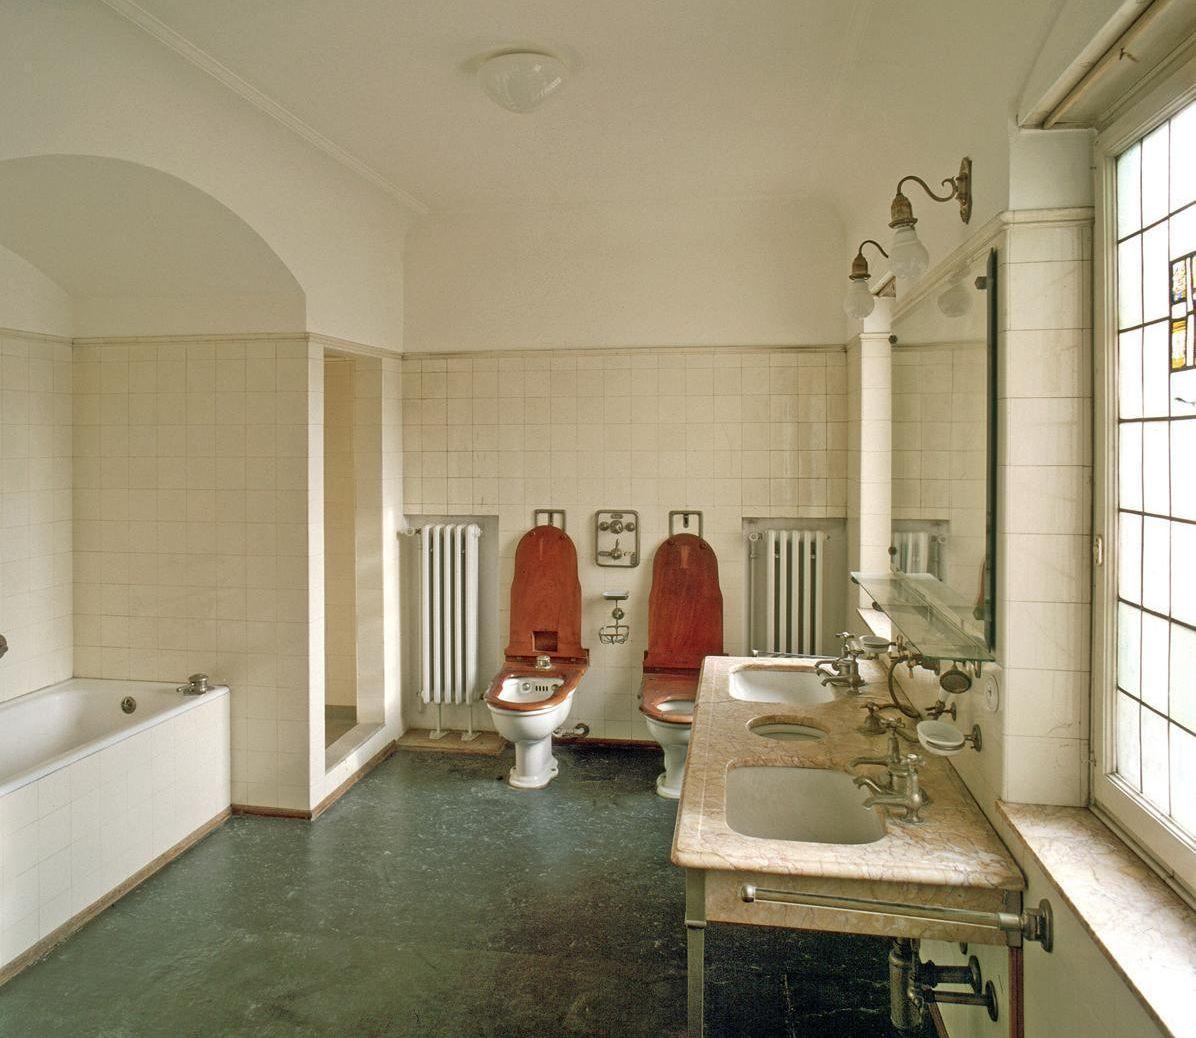 Kloster und Schloss Bebenhausen - Badezimmer der Königin